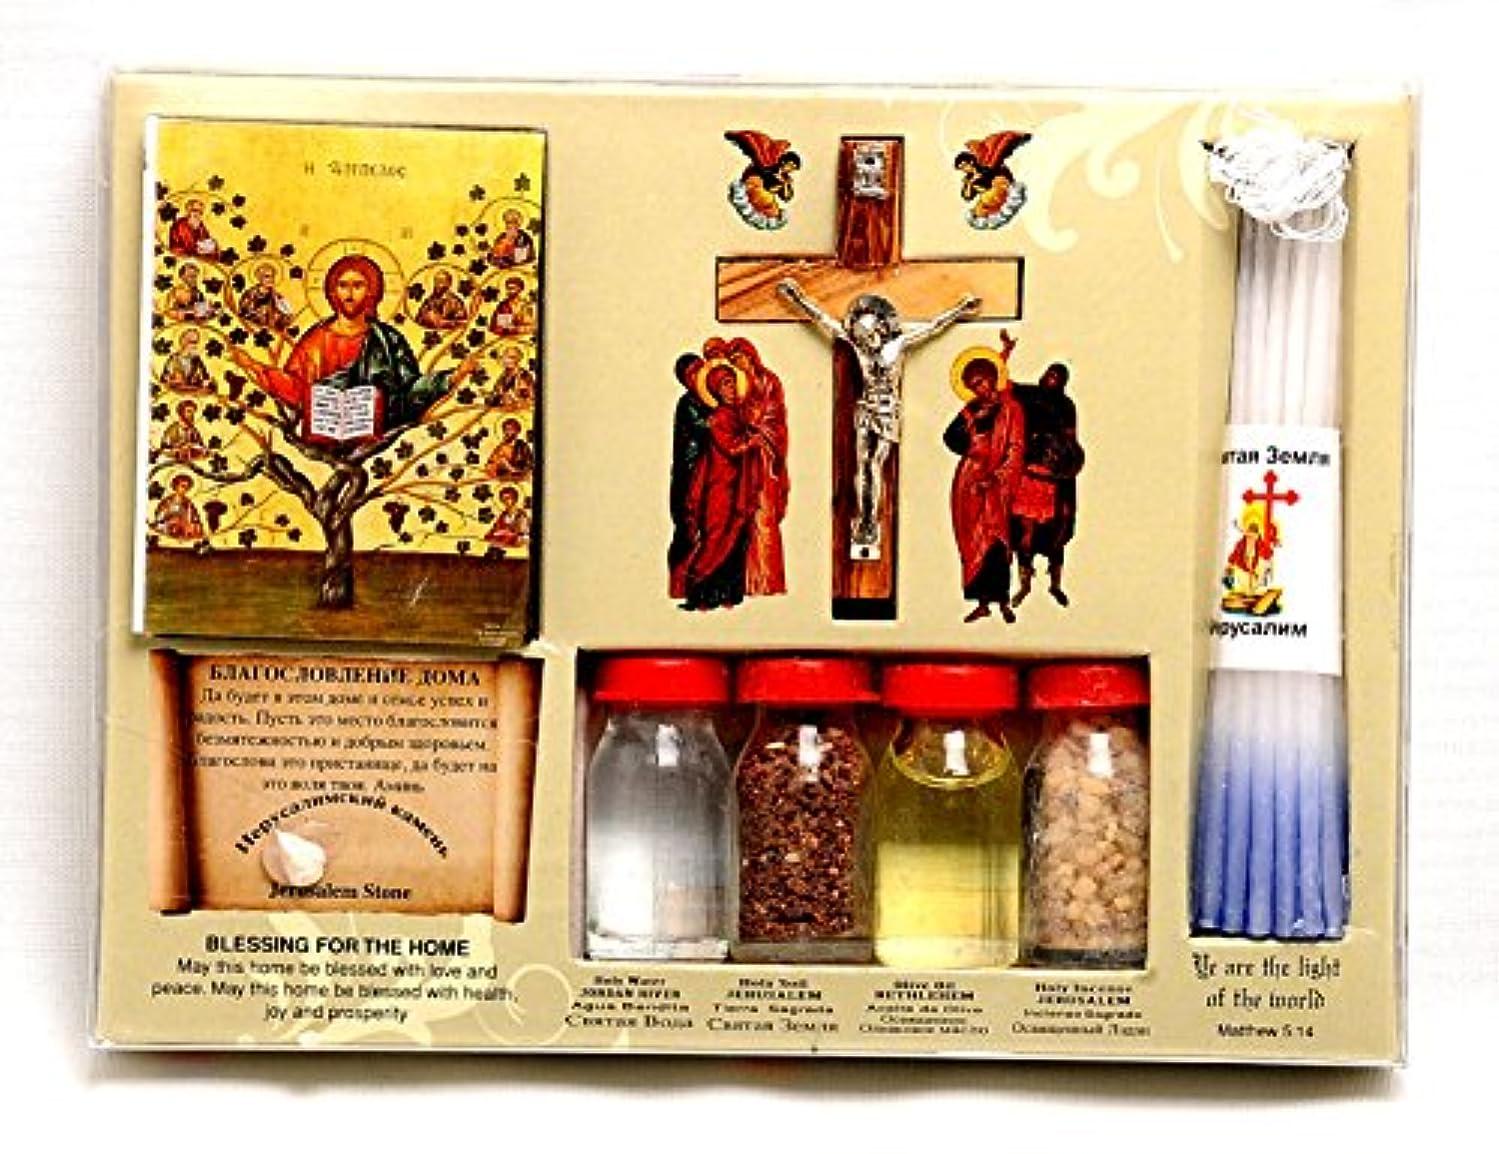 添加先変なホーム祝福キットボトル、クロス&キャンドルに聖地エルサレム